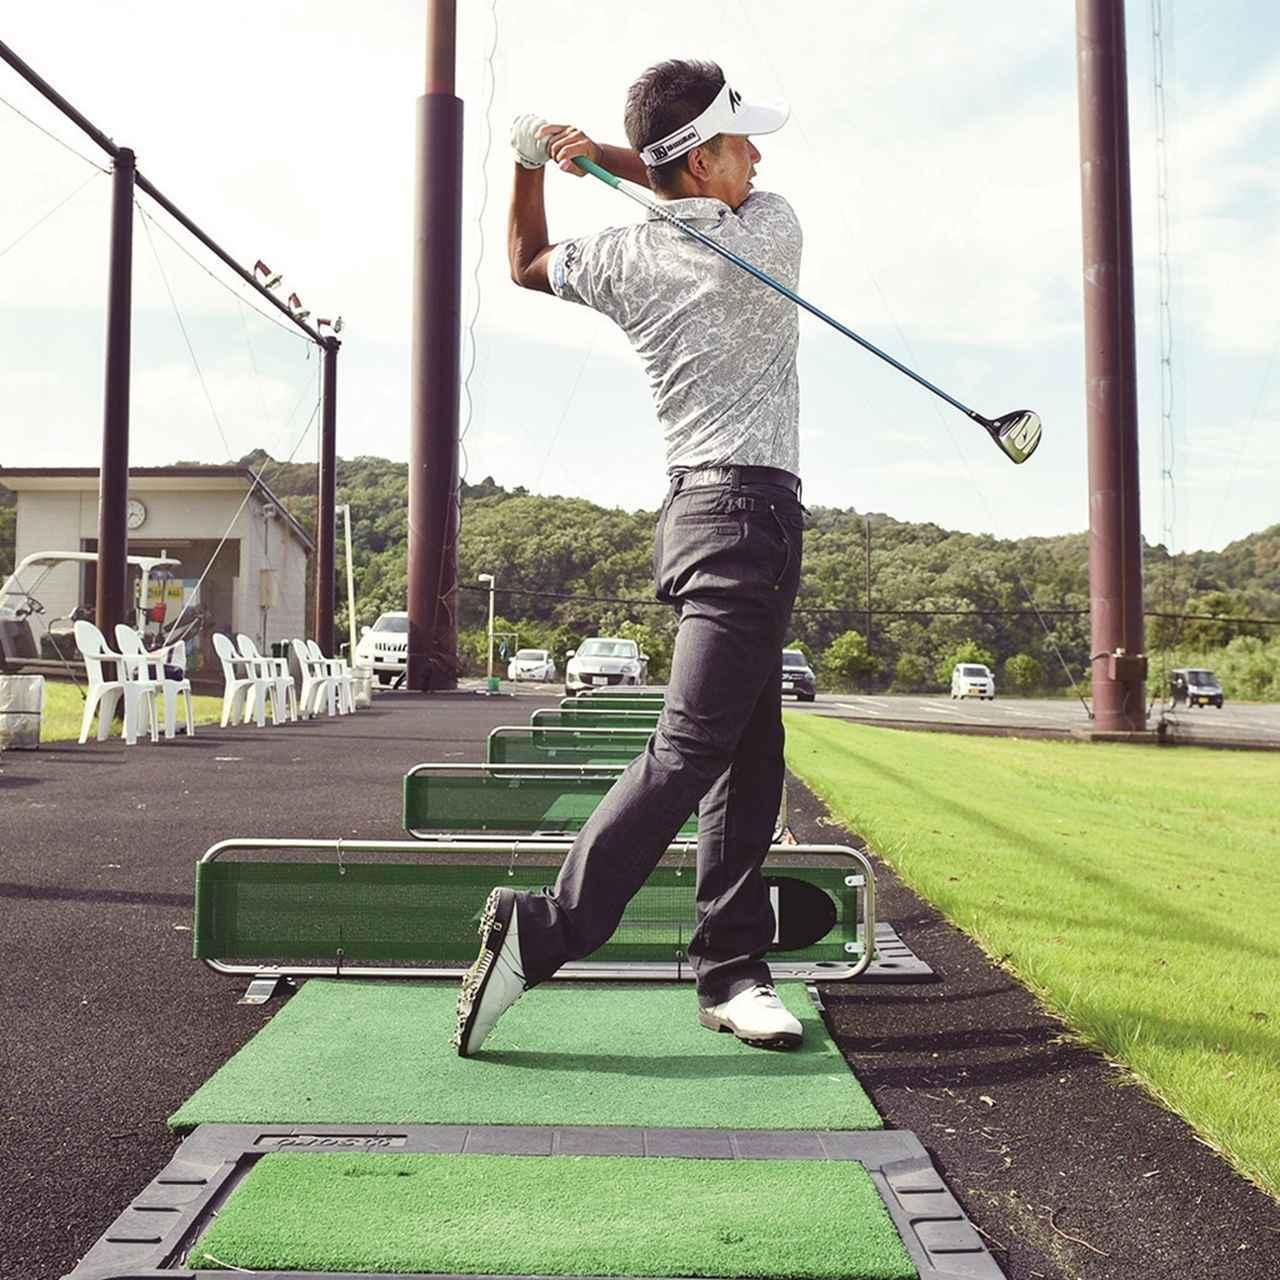 画像5: 【夏ゴルフ】ラフからのフェアウェイウッドはバンカーショットの要領で打つ!